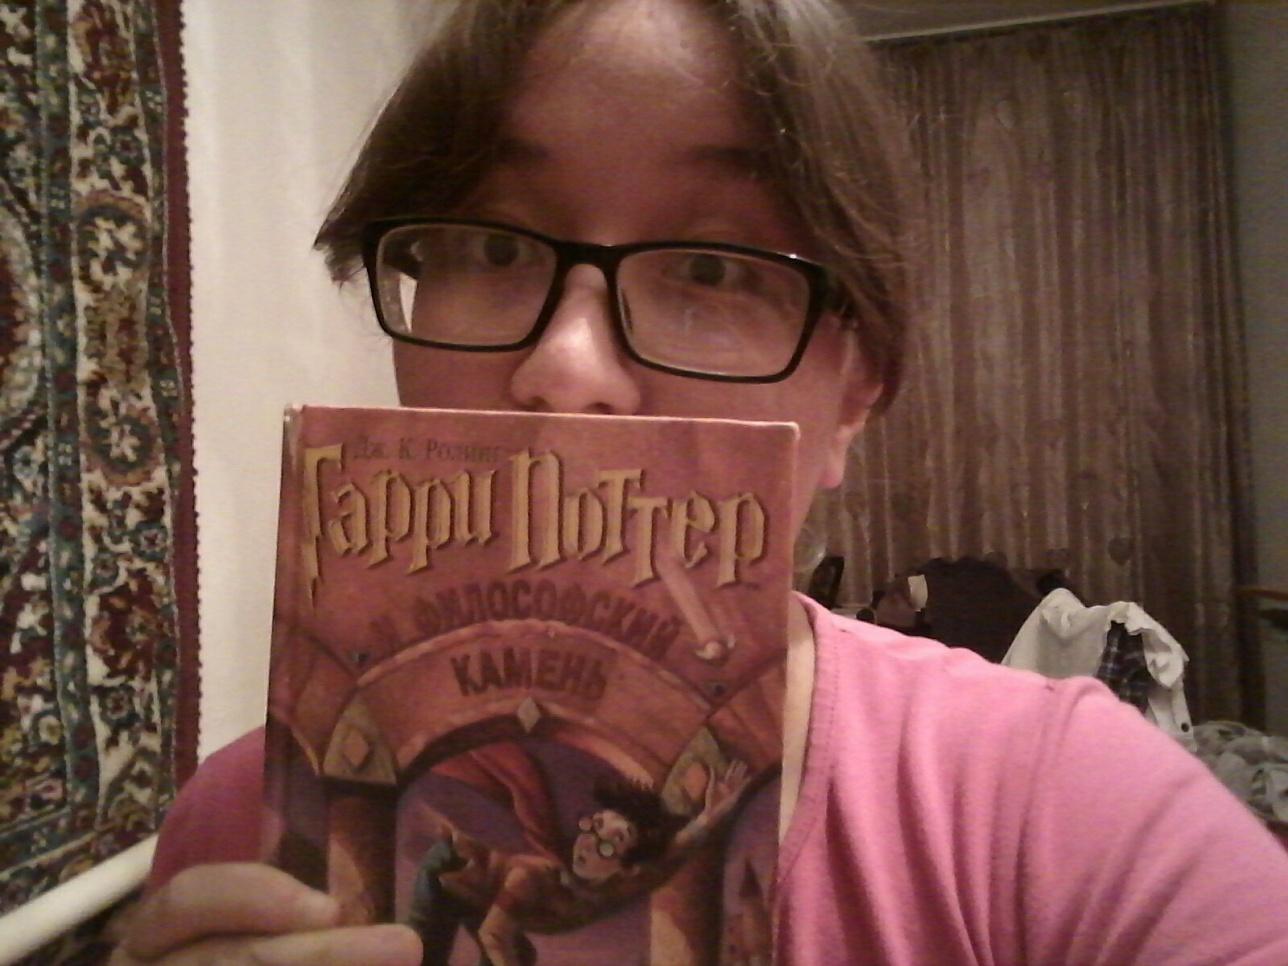 """Судя по комментарию к фото, девушка является фанаткой книг о """"Гарри Поттере"""""""